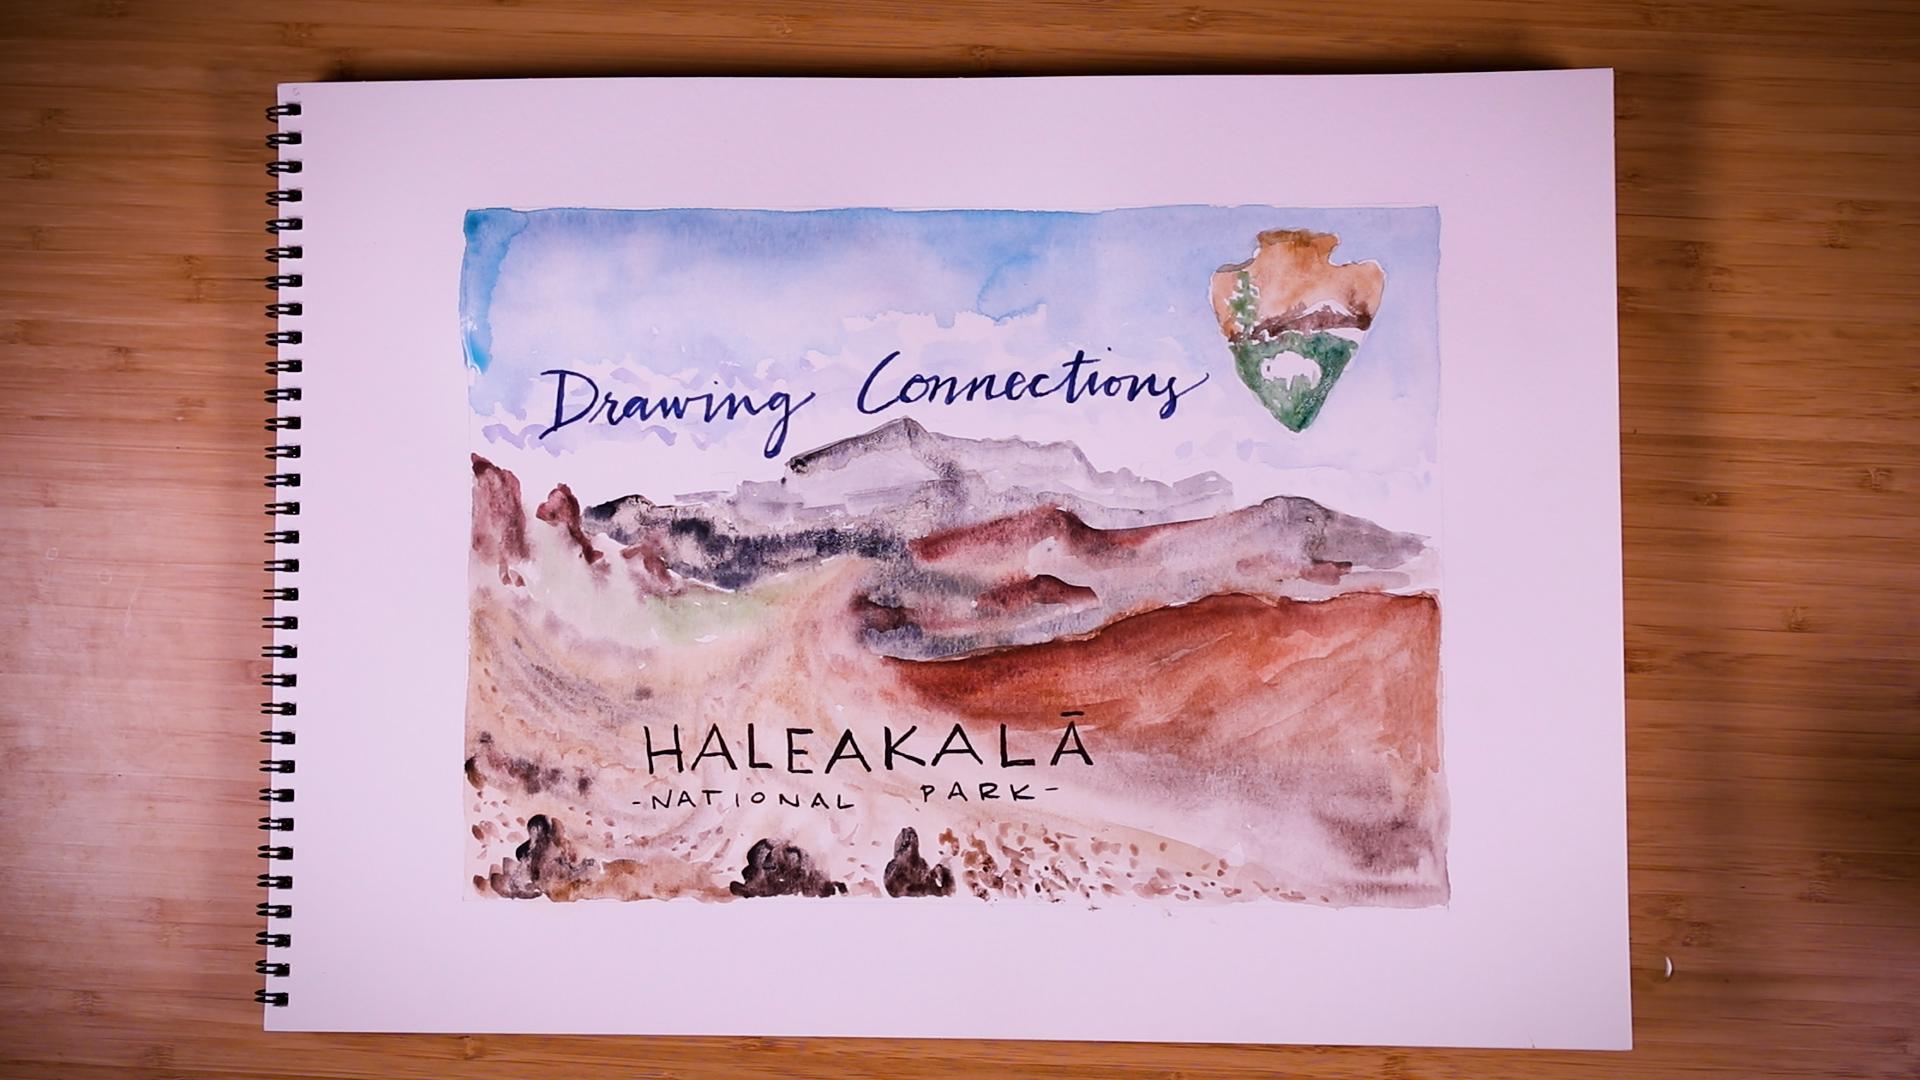 Short Film Sheds Light on Climate Challenges at Haleakalā, Maui